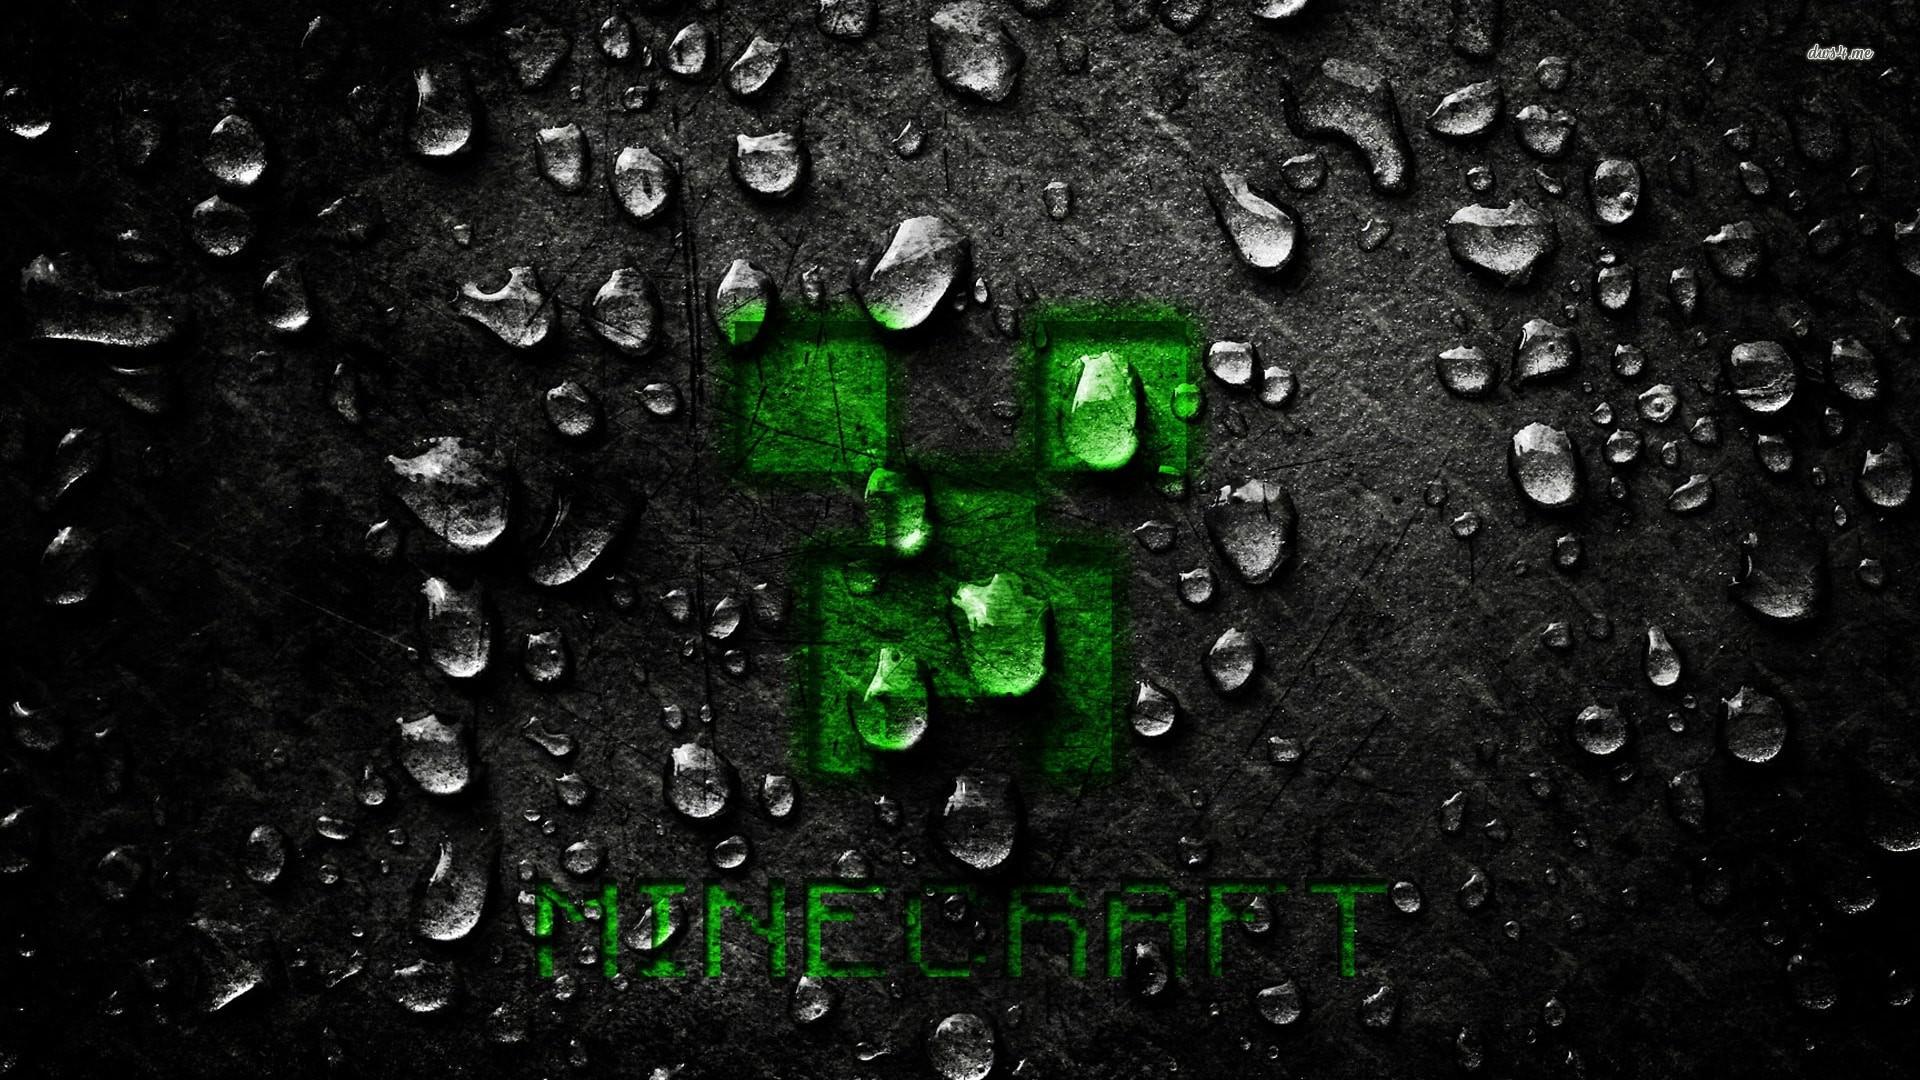 … Minecraft creeper wallpaper rain cover backgorund …